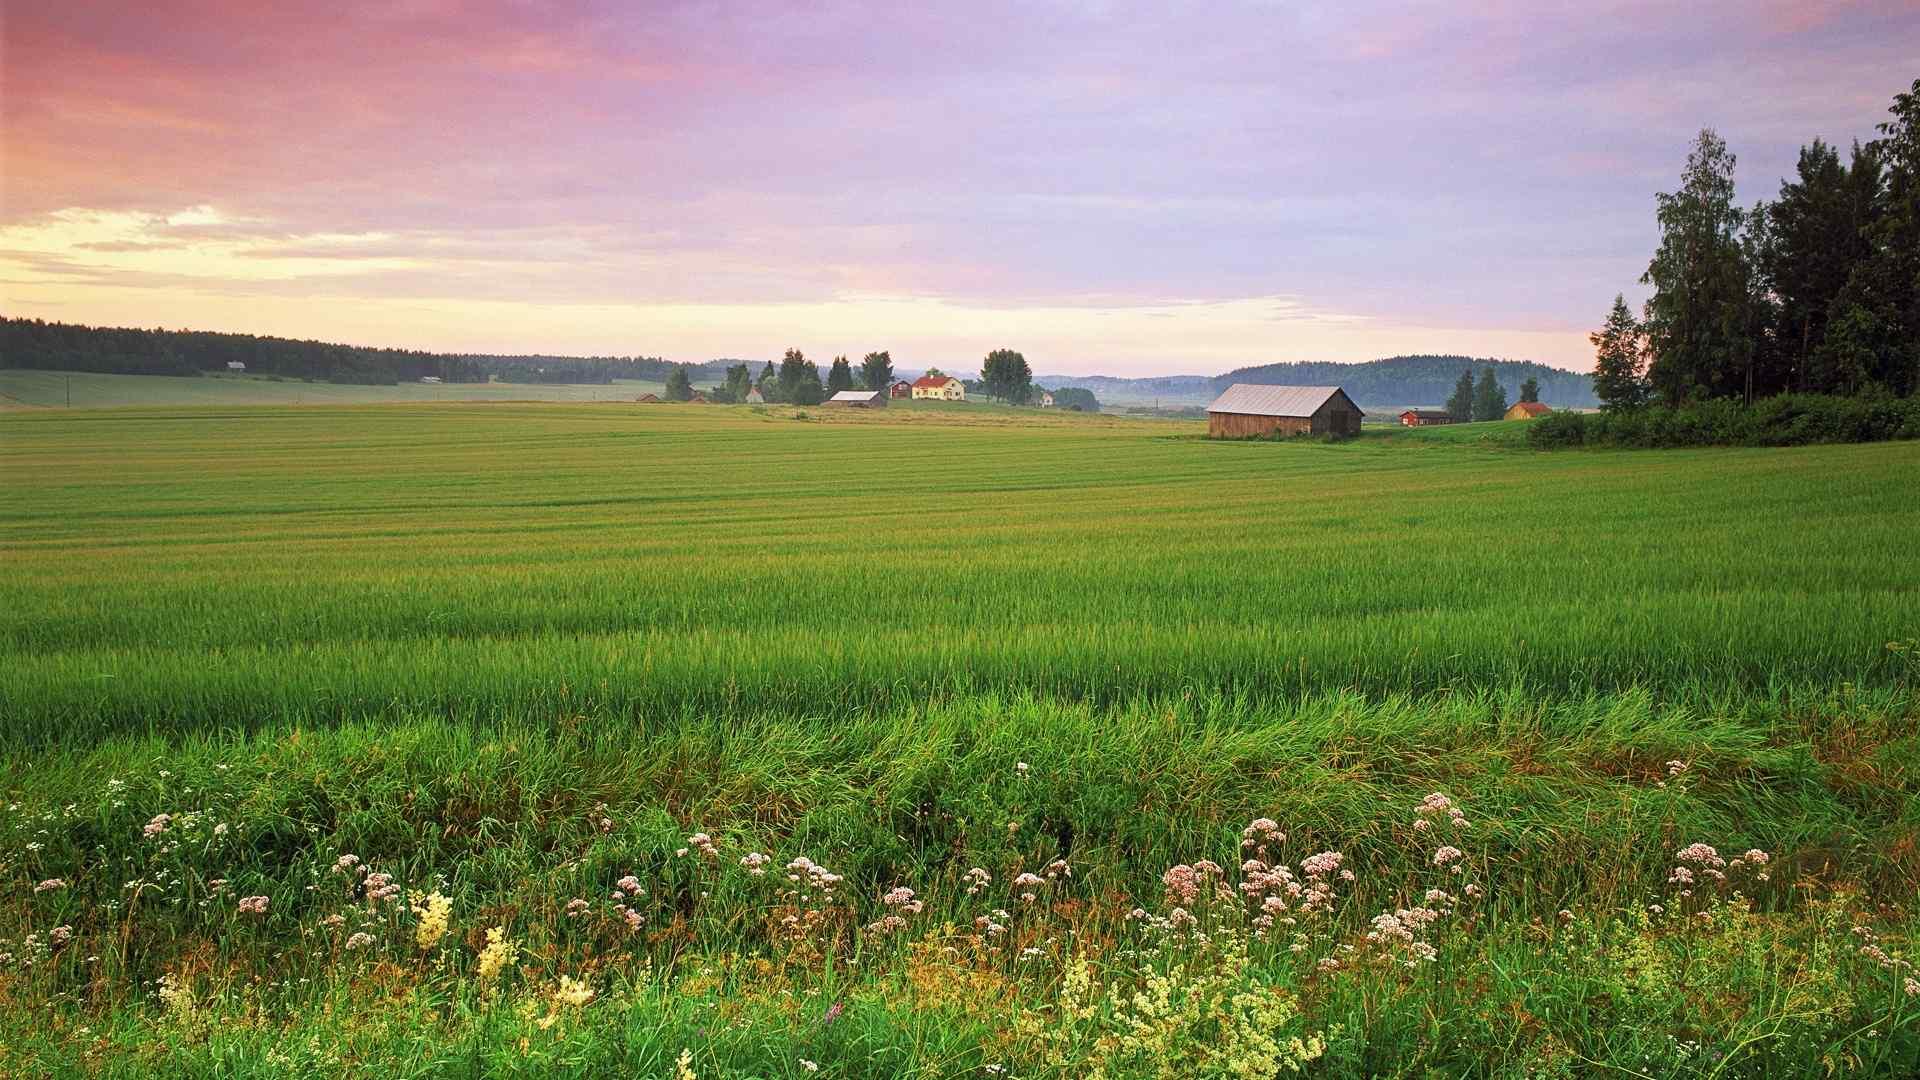 好看的北欧风情高清风景图片